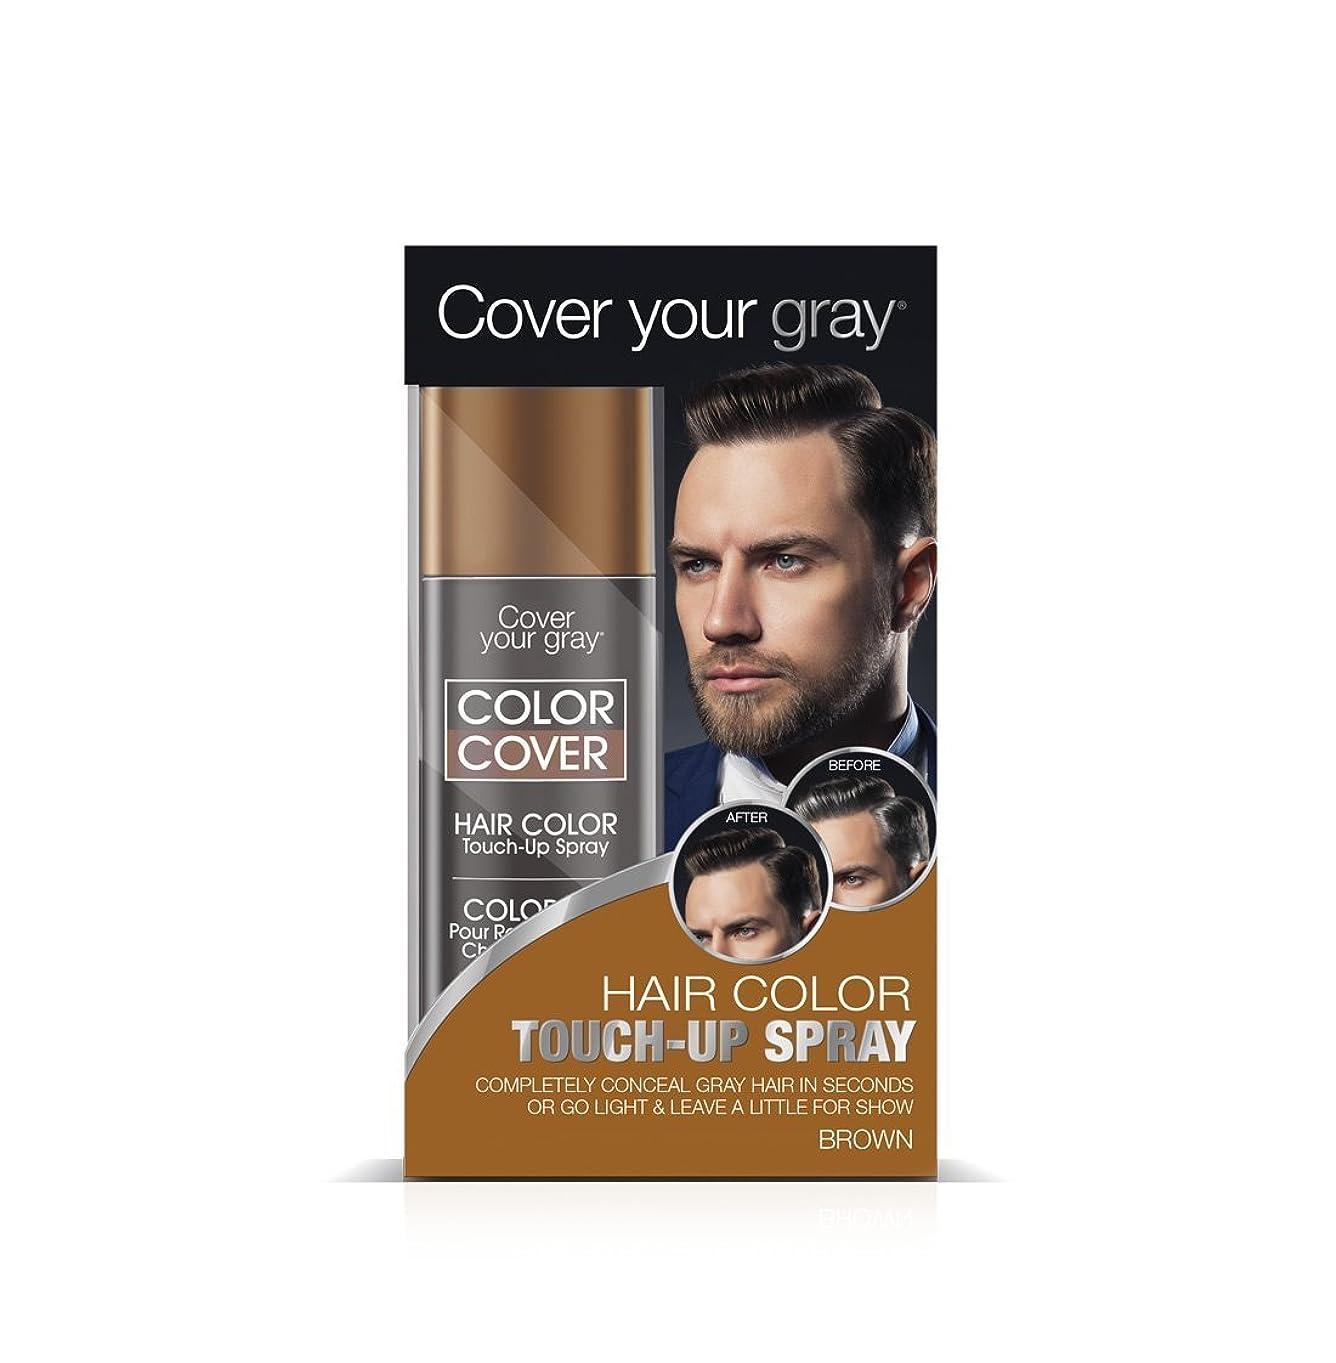 象凝視アレルギーCover Your Gray メンズカラーカバータッチアップスプレー - ブラウン(4パック)